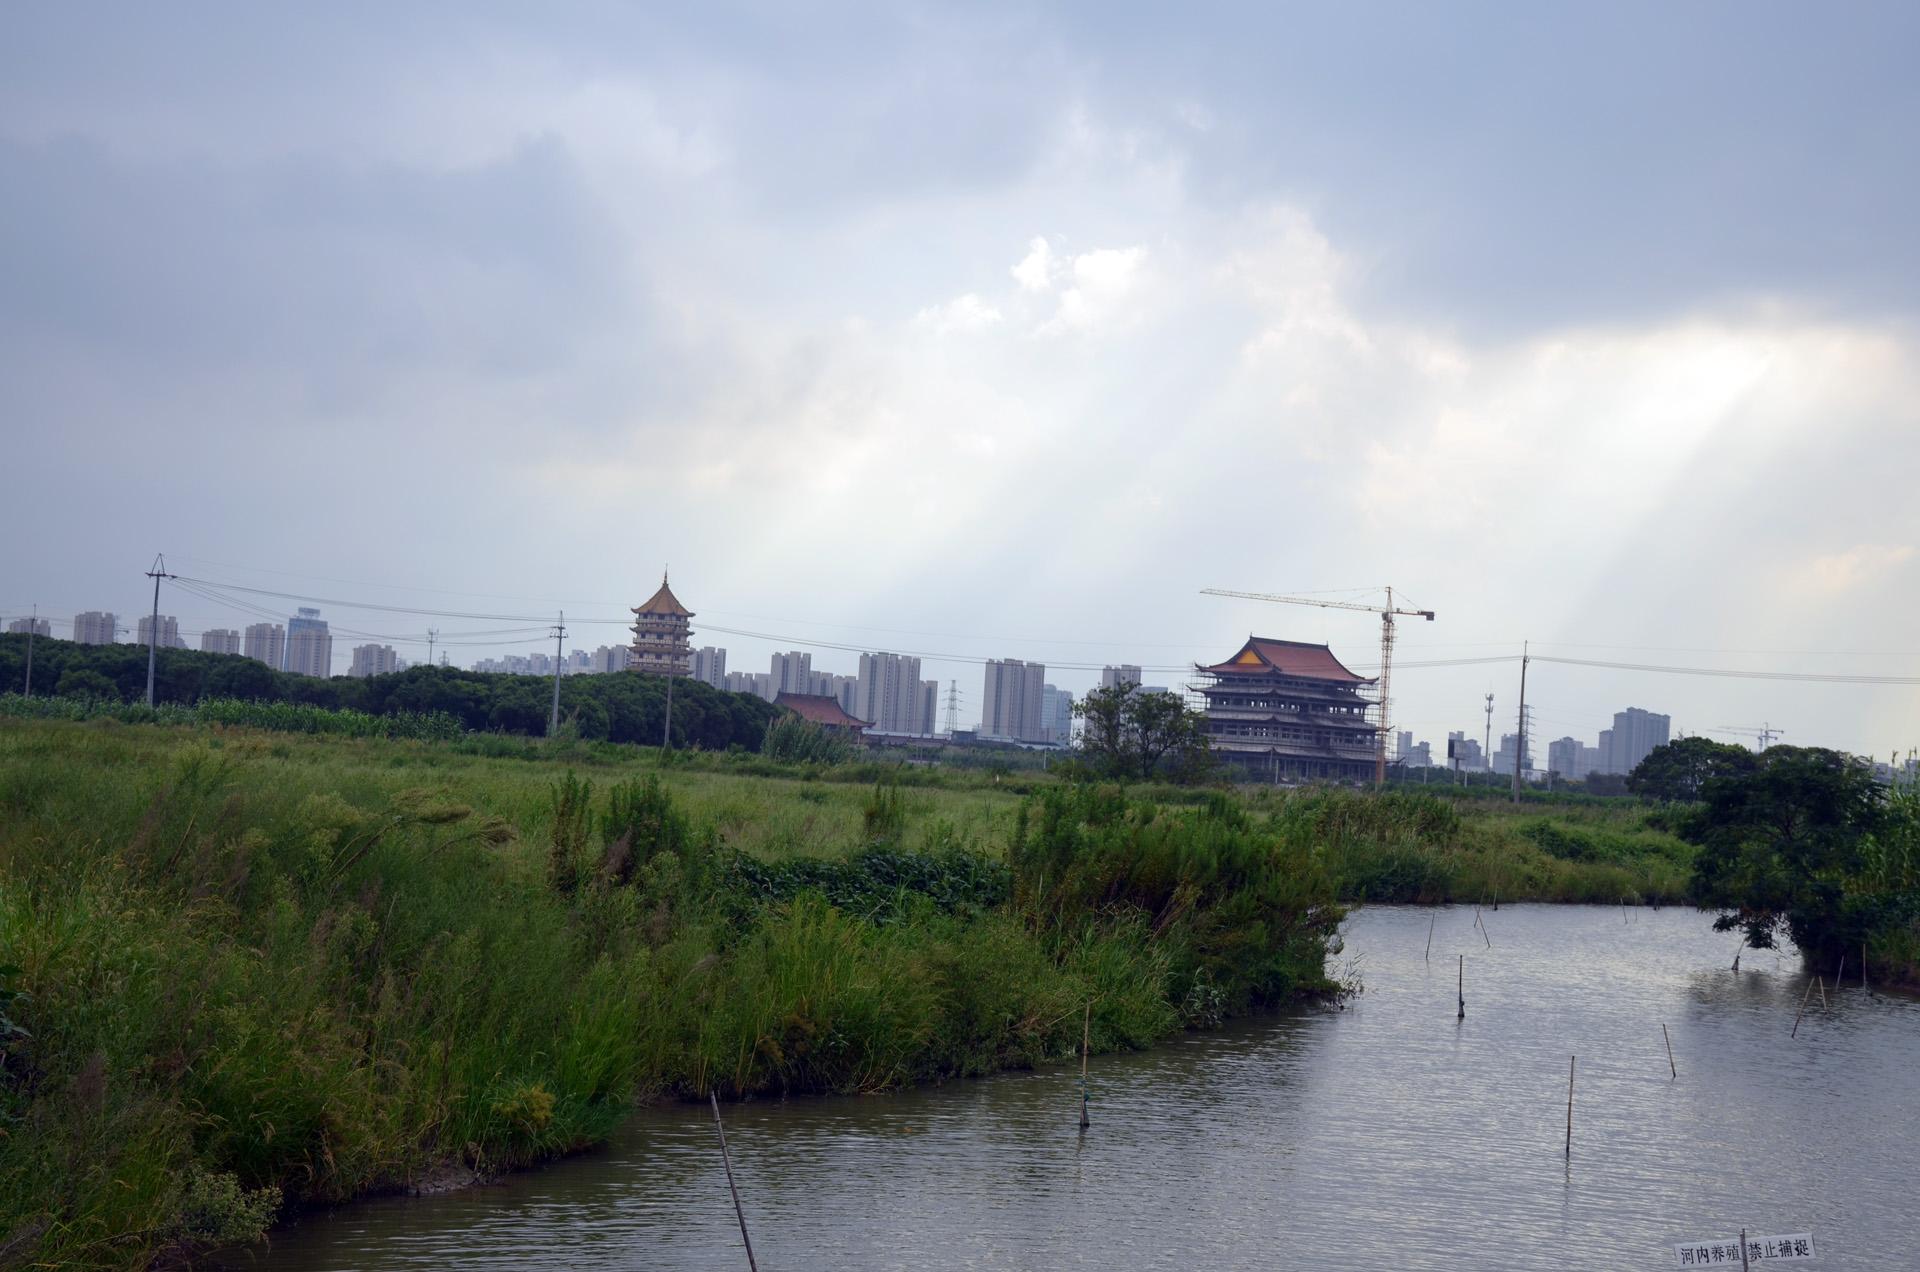 远景多角度太仓海天禅寺红庙的宏伟和江南缥缈正在建设的后殿 这里是太仓 摄影 第8张